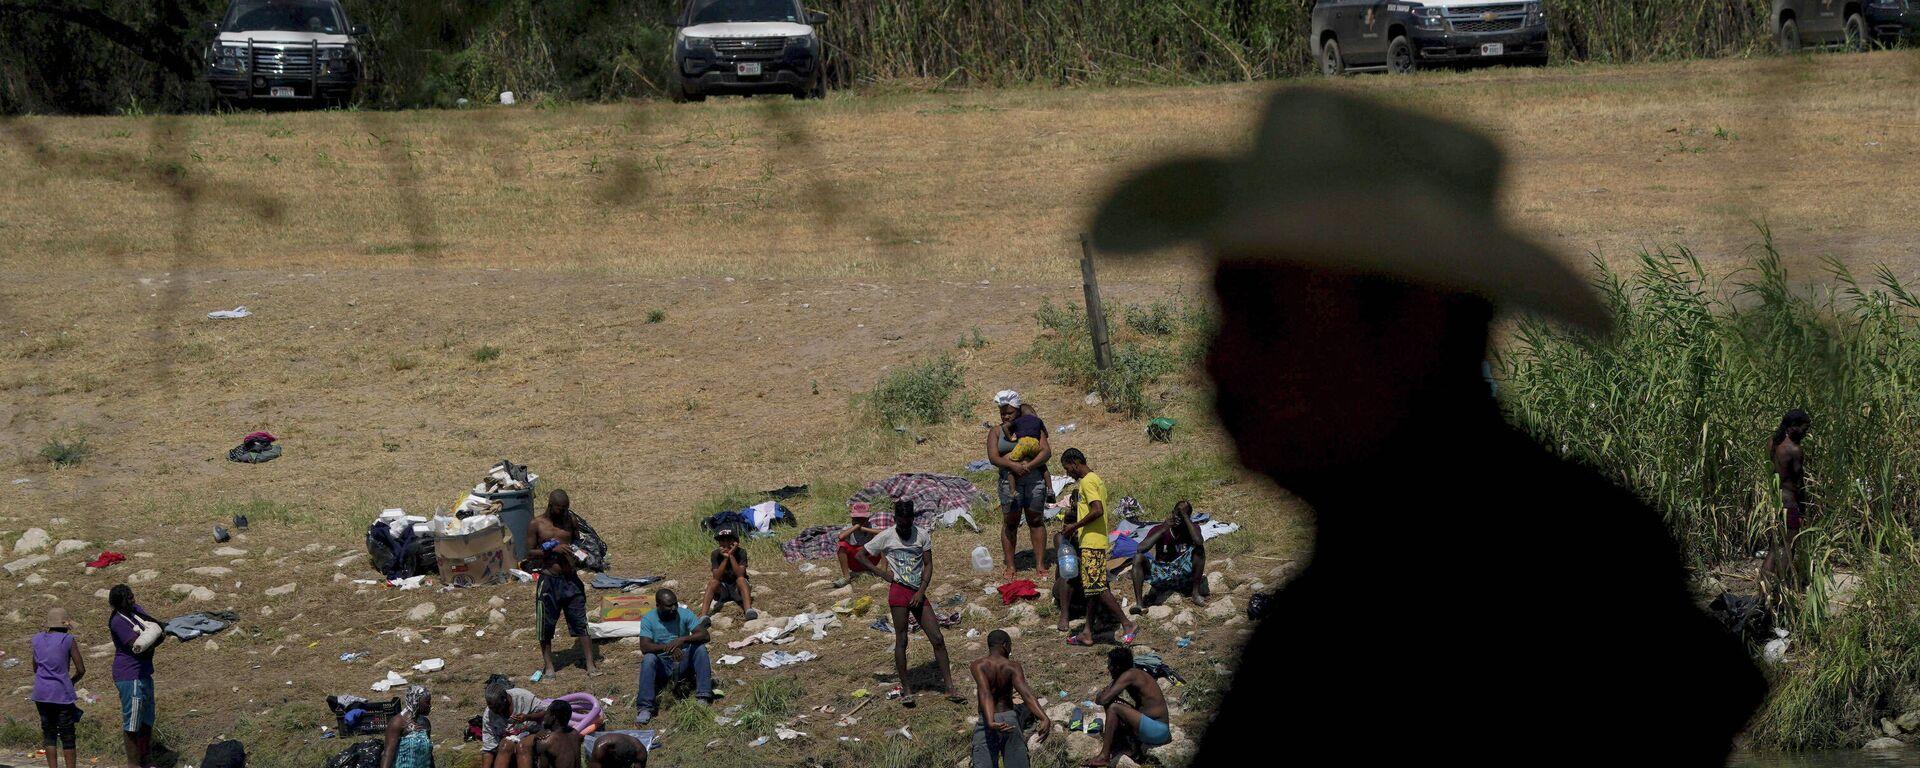 Migrantes haitianos en El Río - Sputnik Mundo, 1920, 23.09.2021